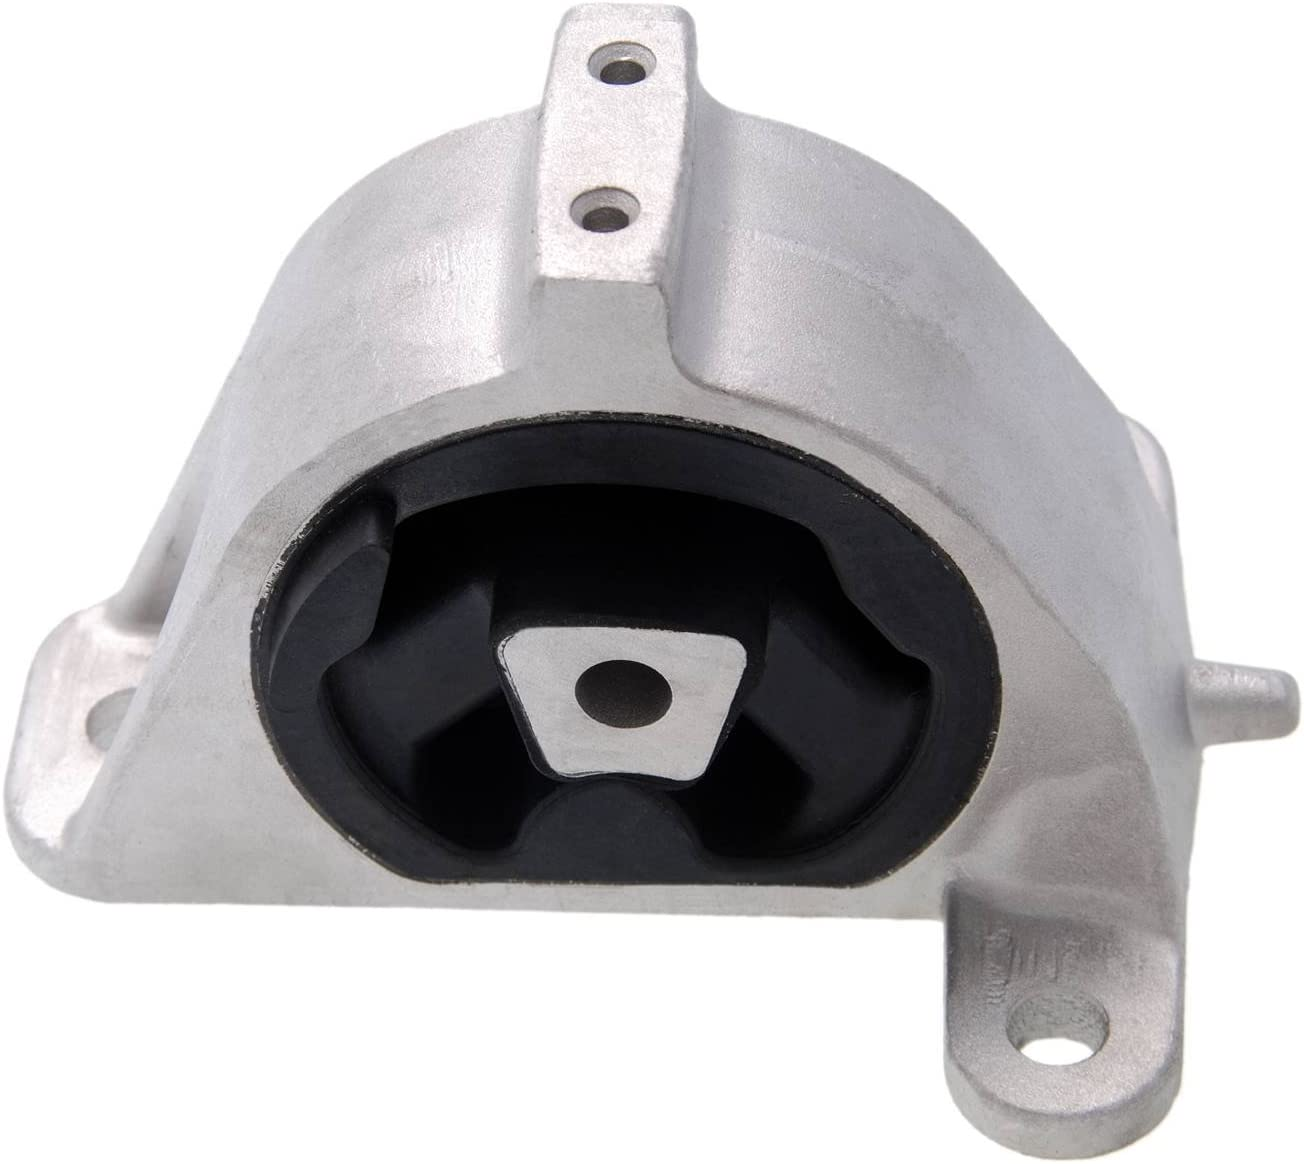 04861399Aa Febest Rear Engine Mount For Chrysler